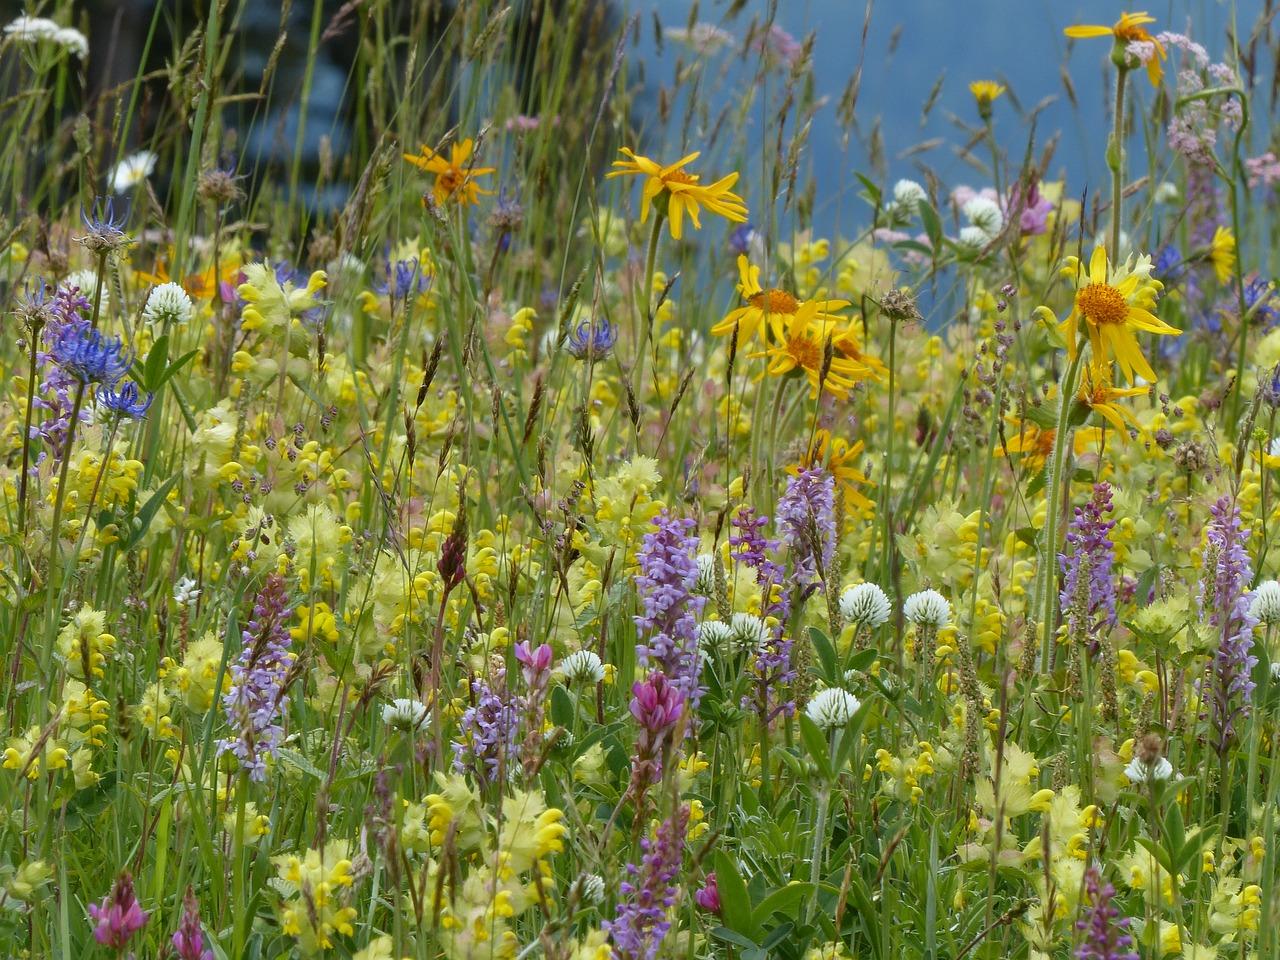 flower-meadow-1977395_1280